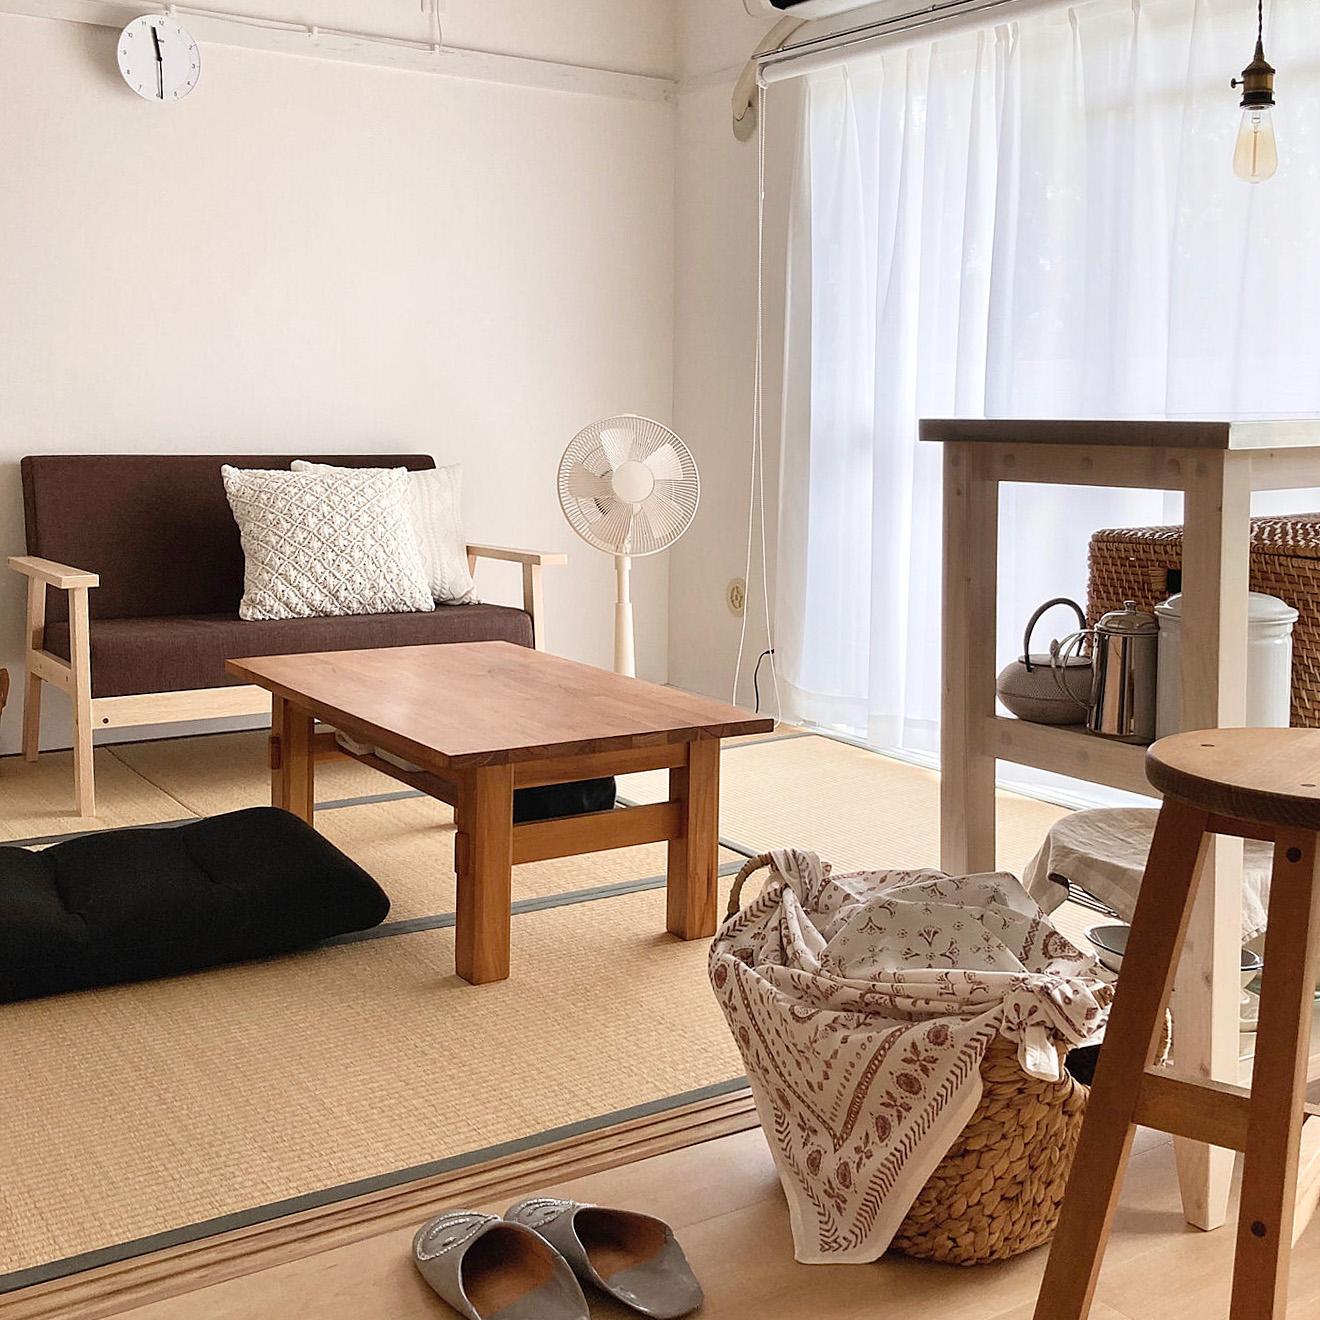 ローテーブルに北欧風のソファ、座椅子を合わせて、のんびりくつろげる空間を実現。